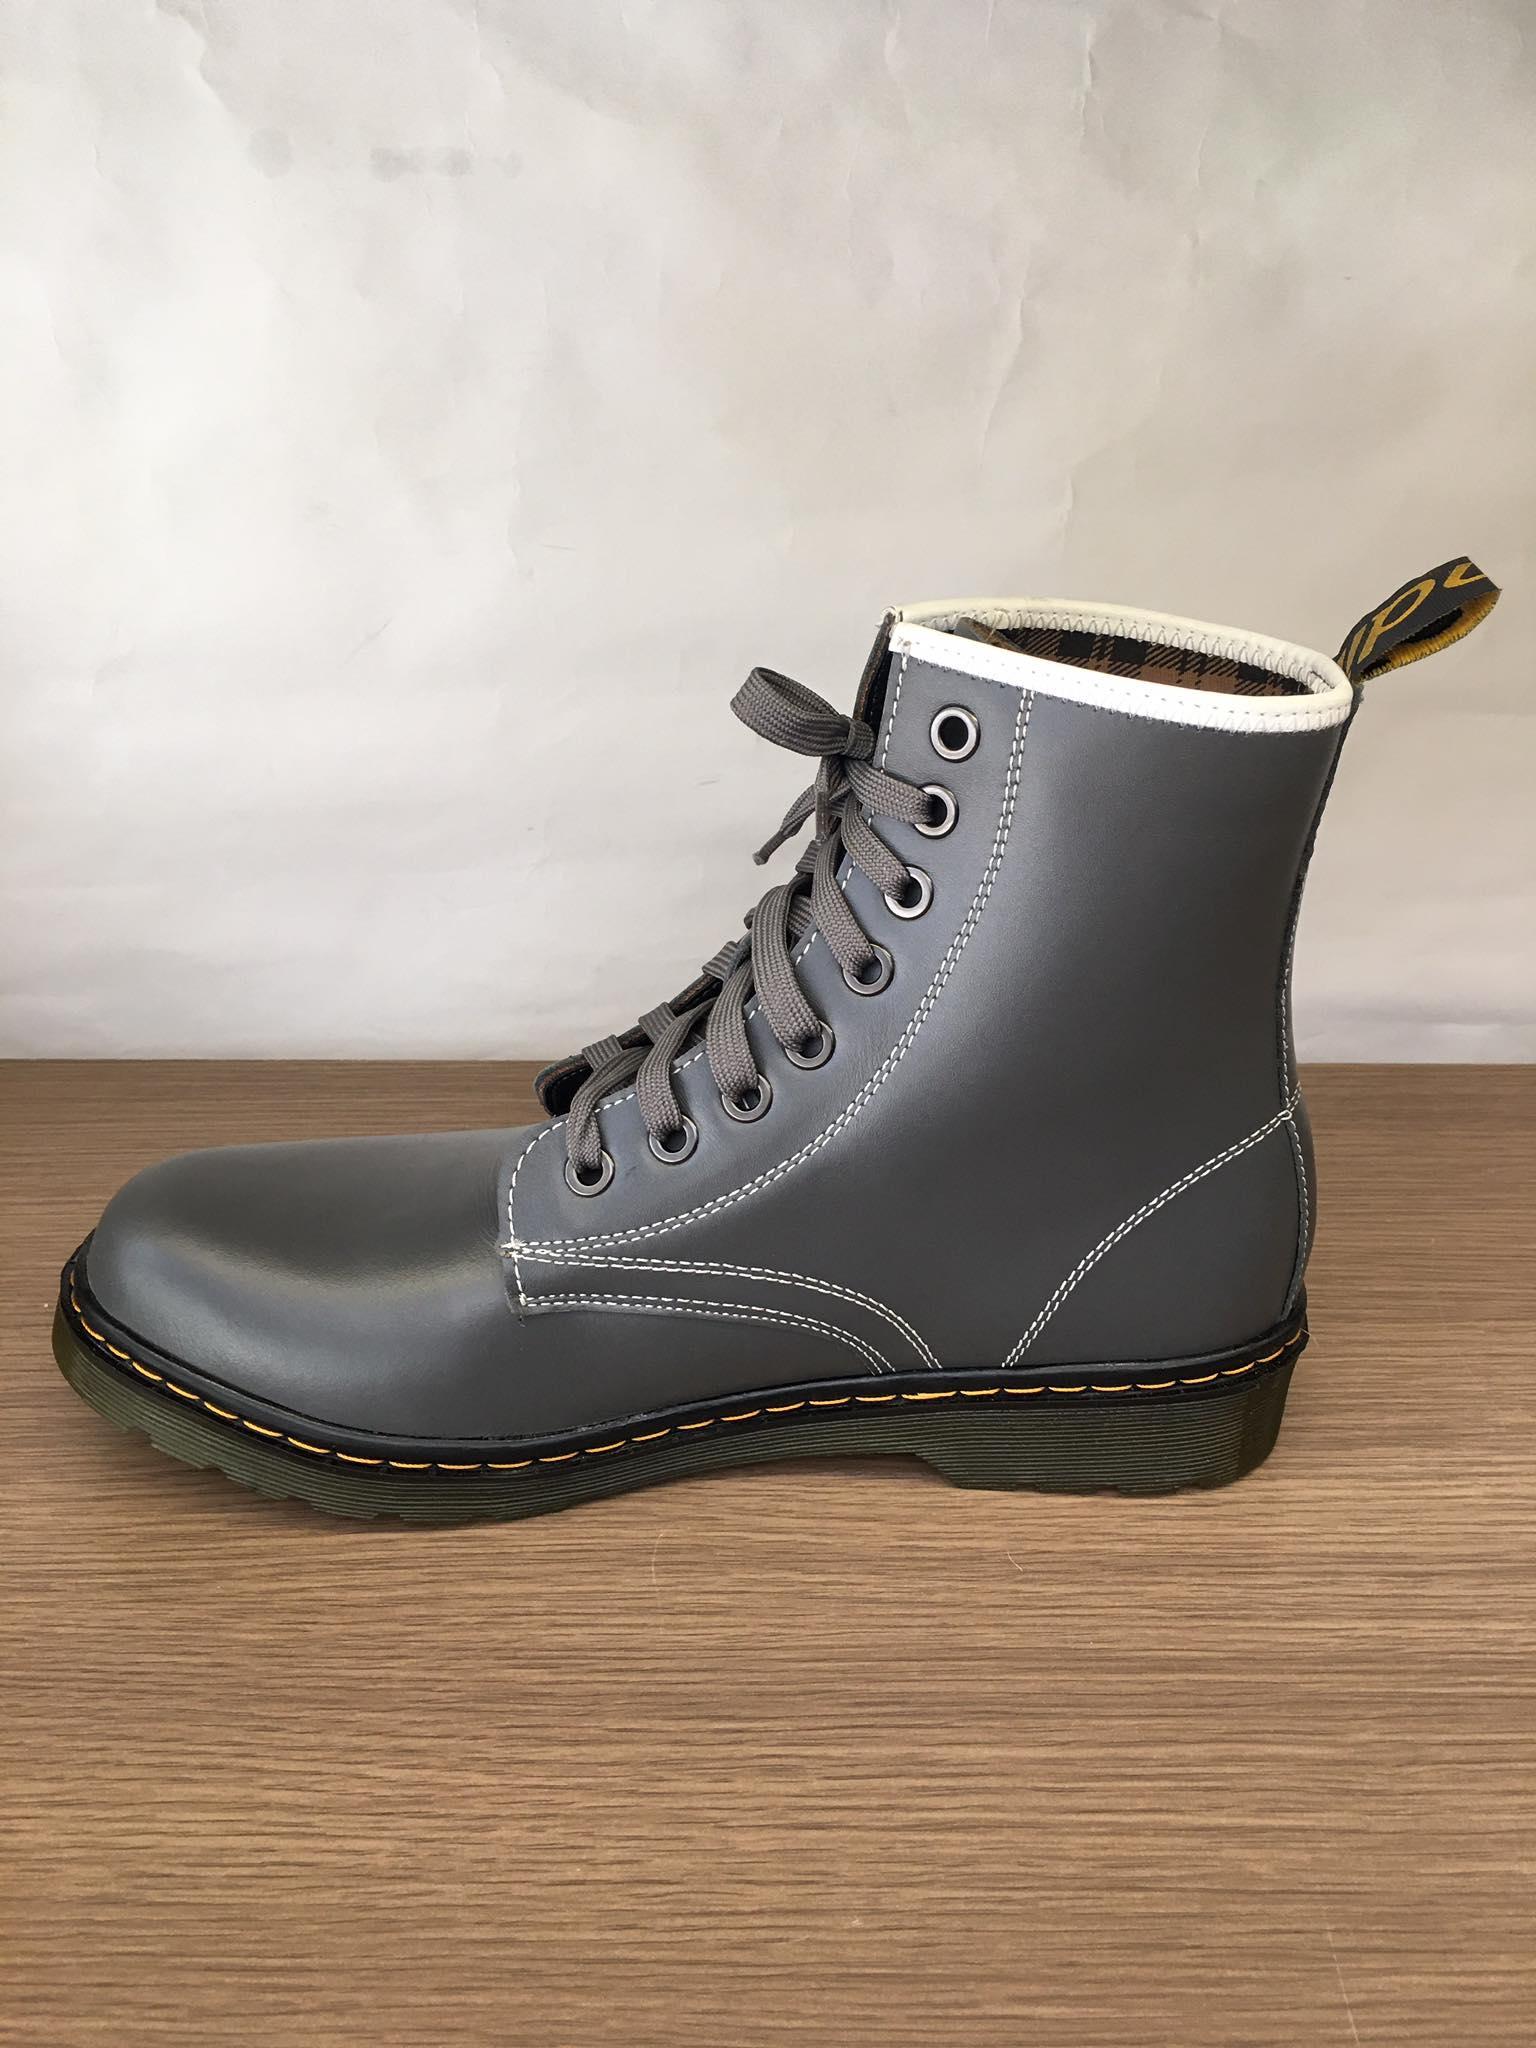 Giày boot cổ cao da bò màu đen-BT011